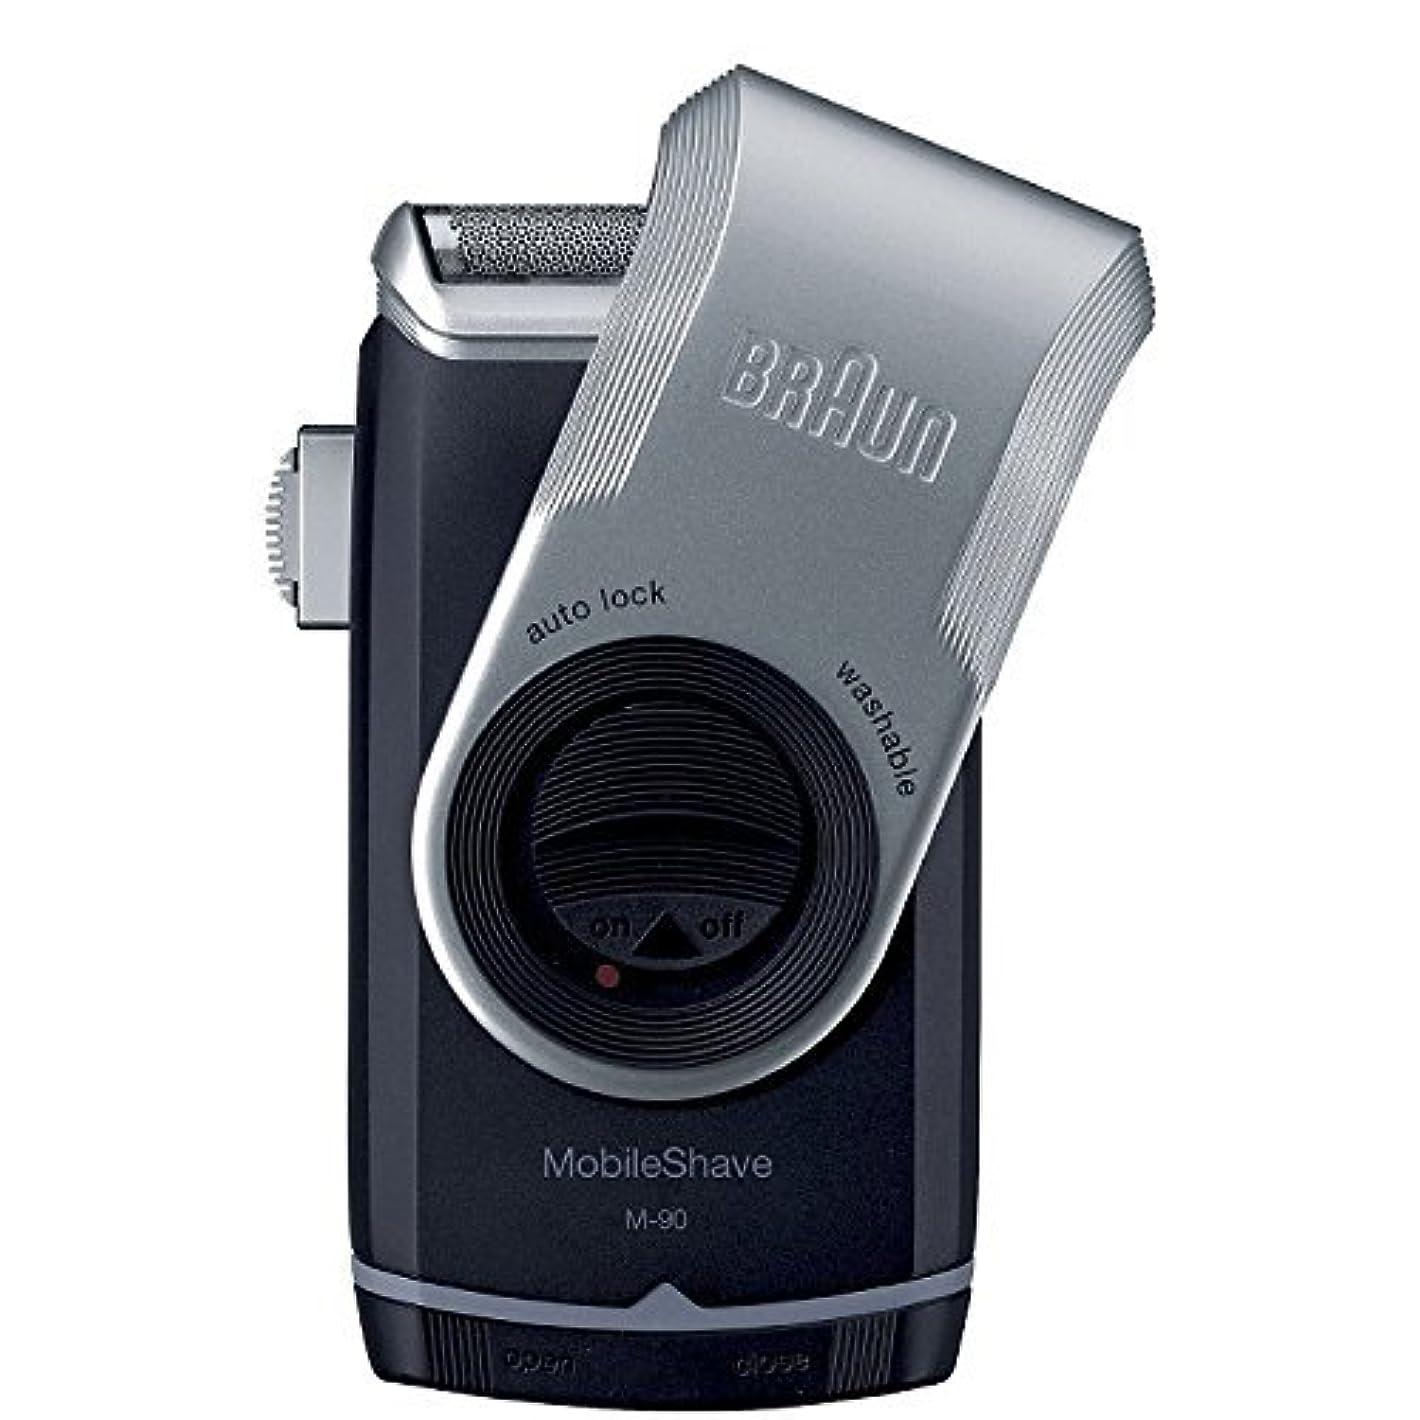 透ける浸す避けられないBraun M90 Pocketgo Mobileshave スマートホイルでポータブルシェーバー [並行輸入品]